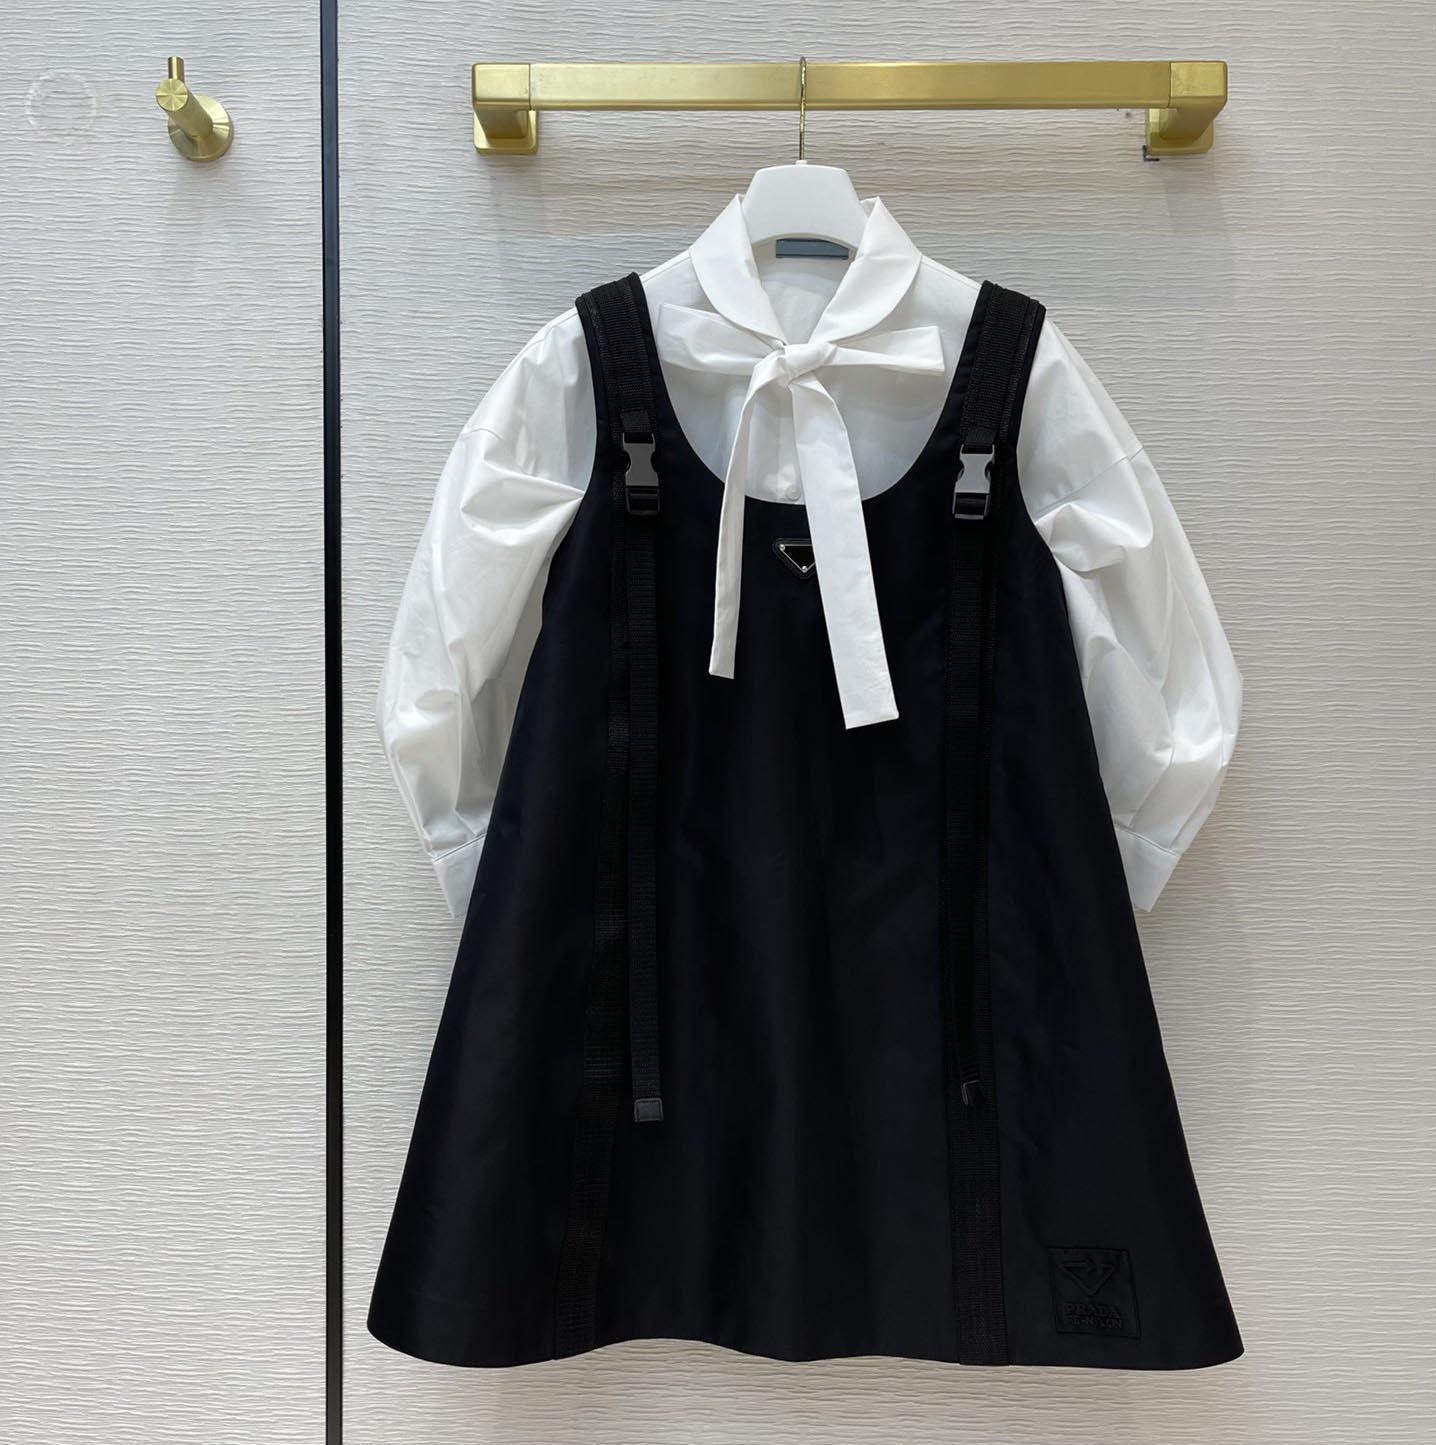 21SS новых женщин повседневные рабочие рубашки платья мода высококачественные рубашки матча подвеска платье повторно нейлоновый стиль юбка с перевернутым треугольником SML